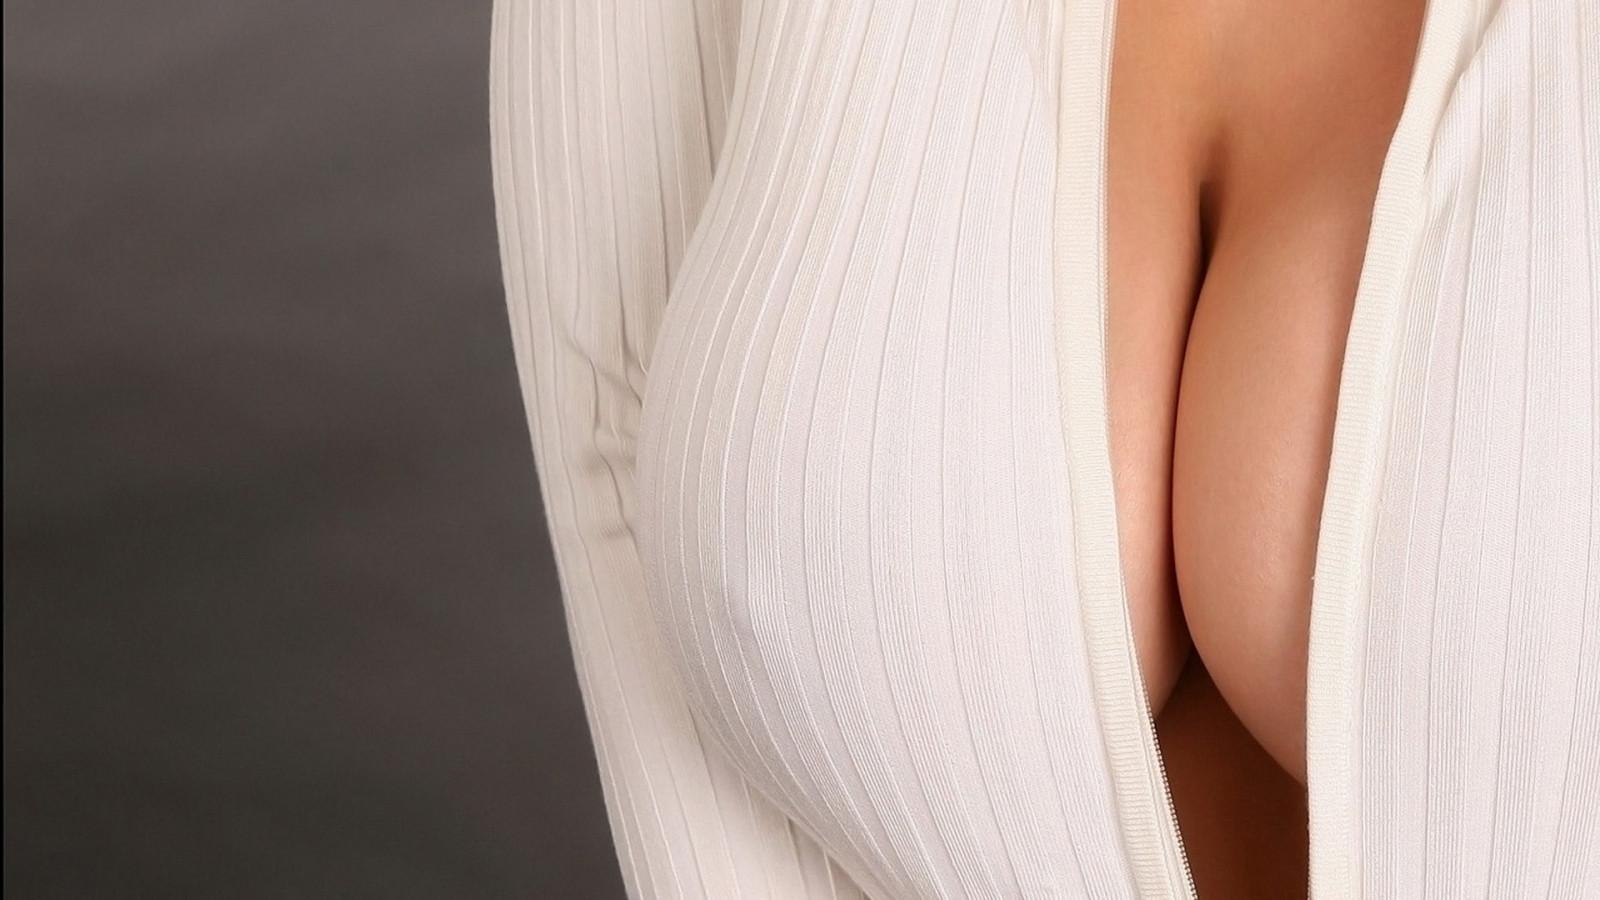 самые красивые женские груди в мире девушка такая сексуальная